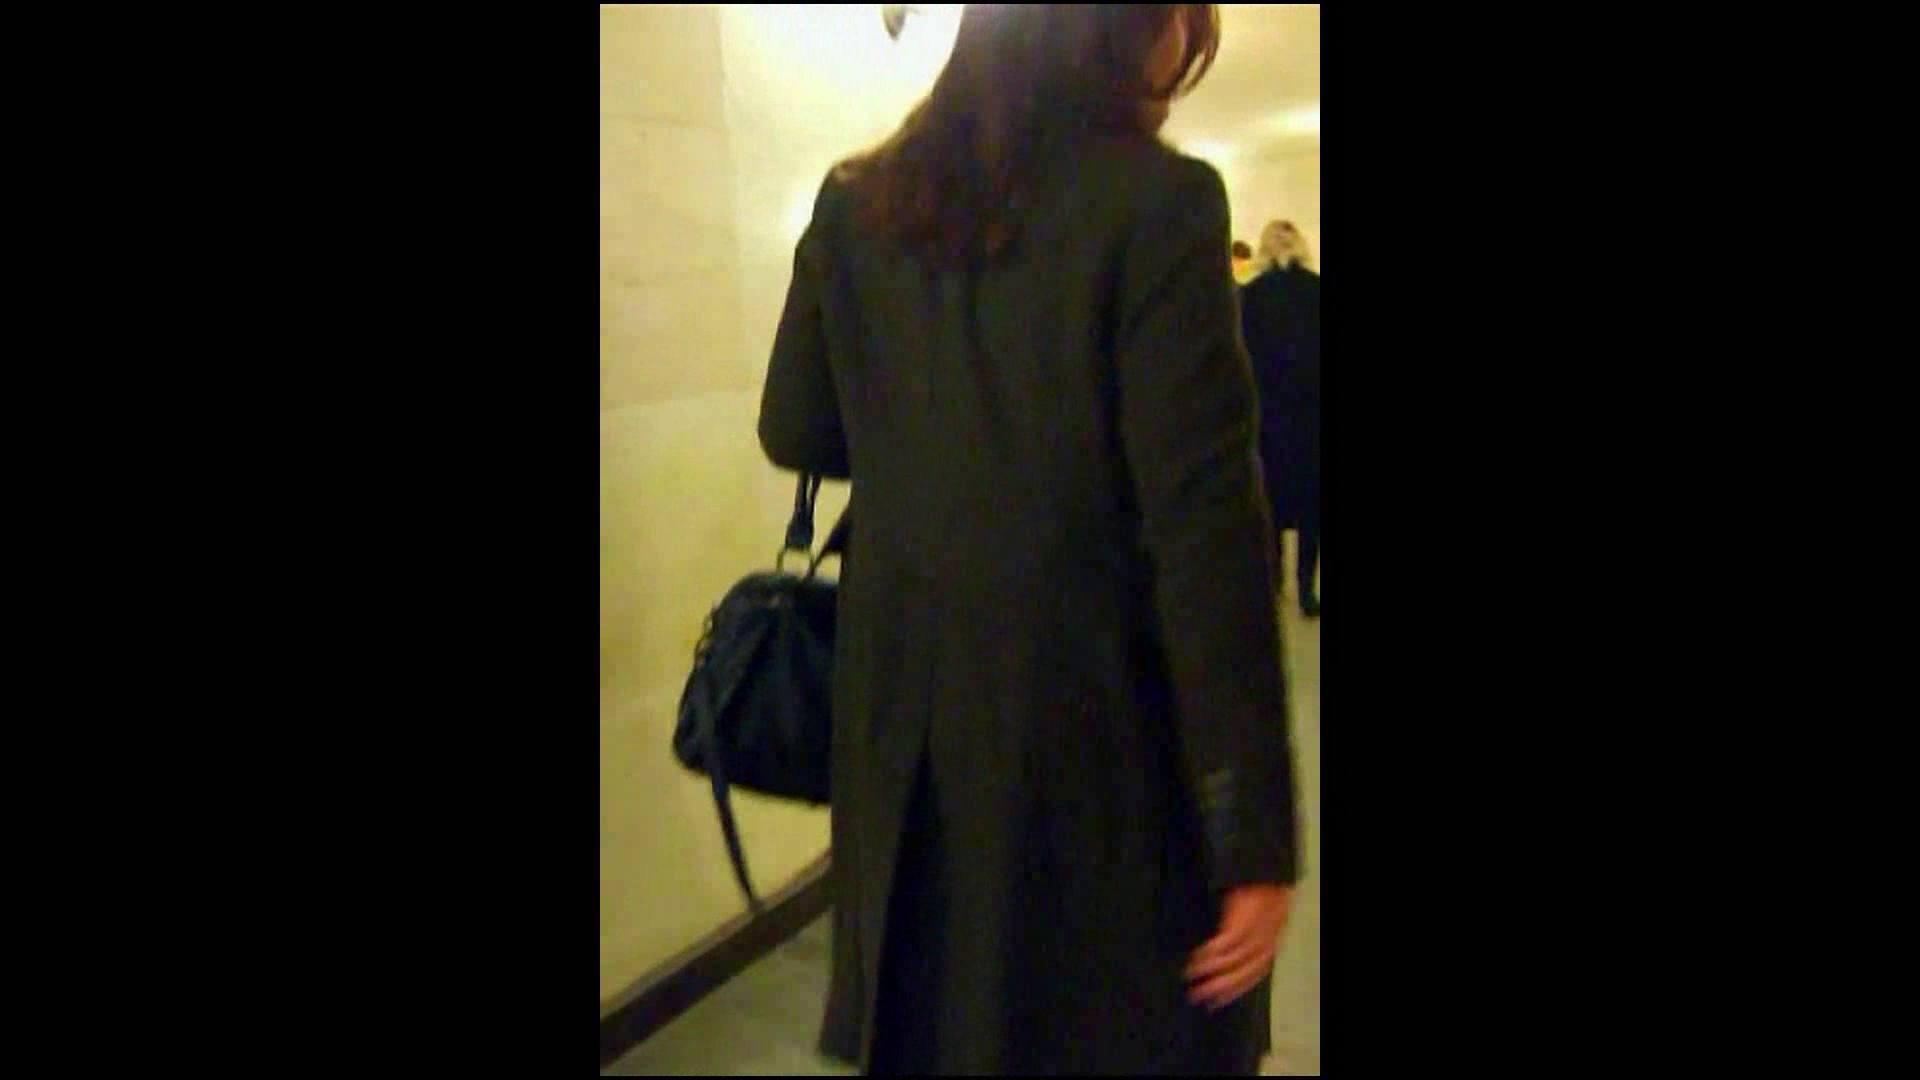 綺麗なモデルさんのスカート捲っちゃおう‼vol05 お姉さんのエロ動画  102PIX 68